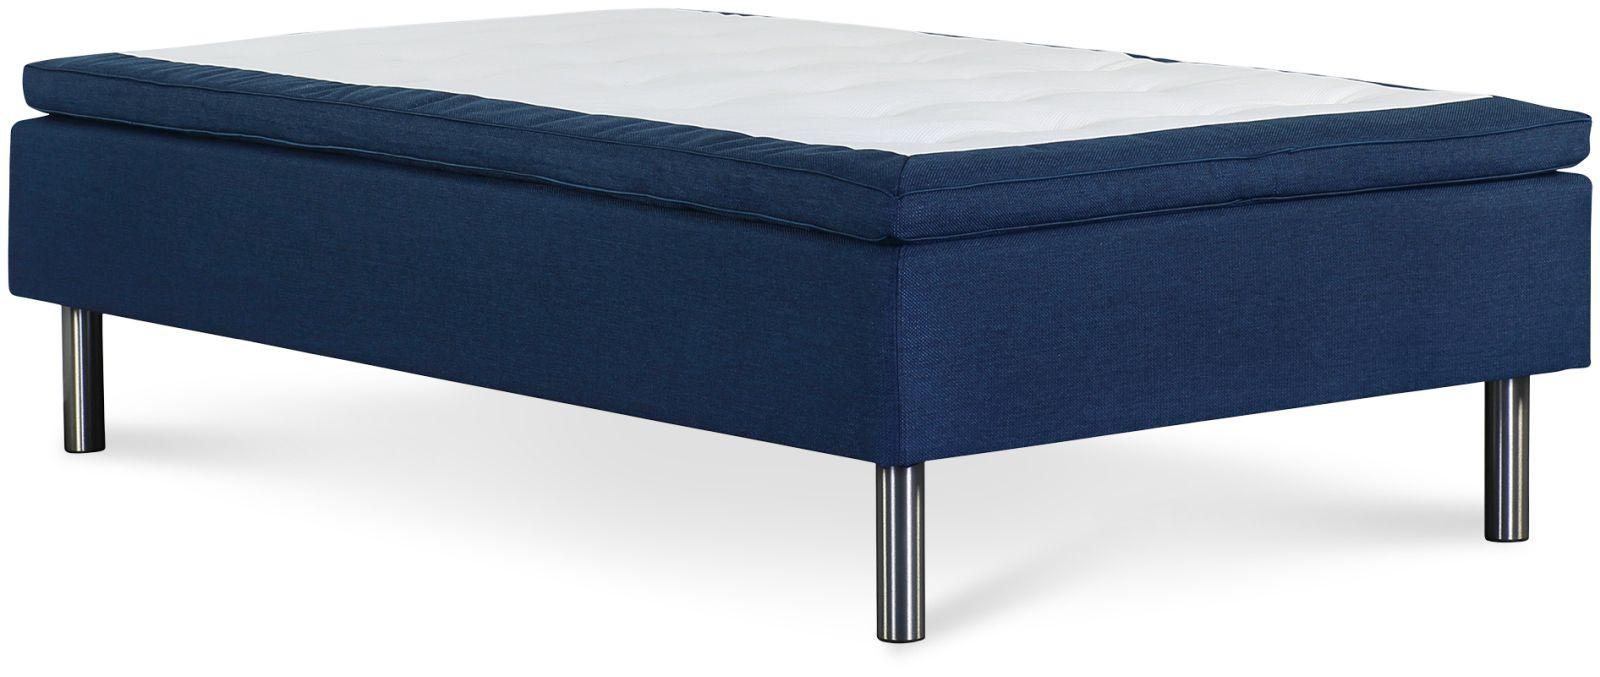 Łóżko Iceland 90x200